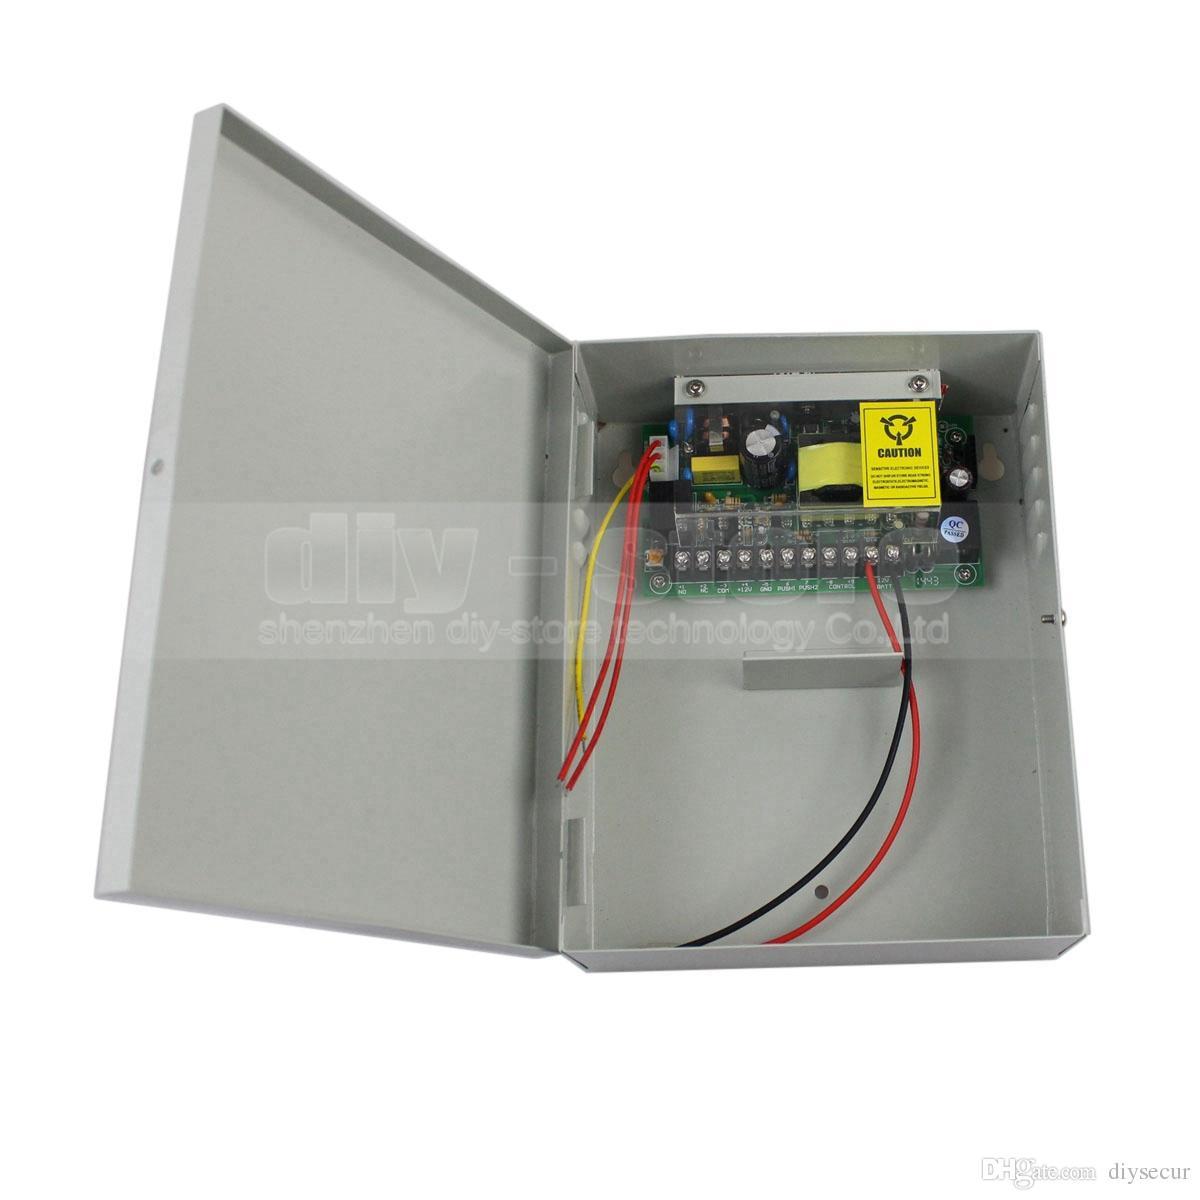 diysecur 12v5a ups power supply adapter ups box backup power